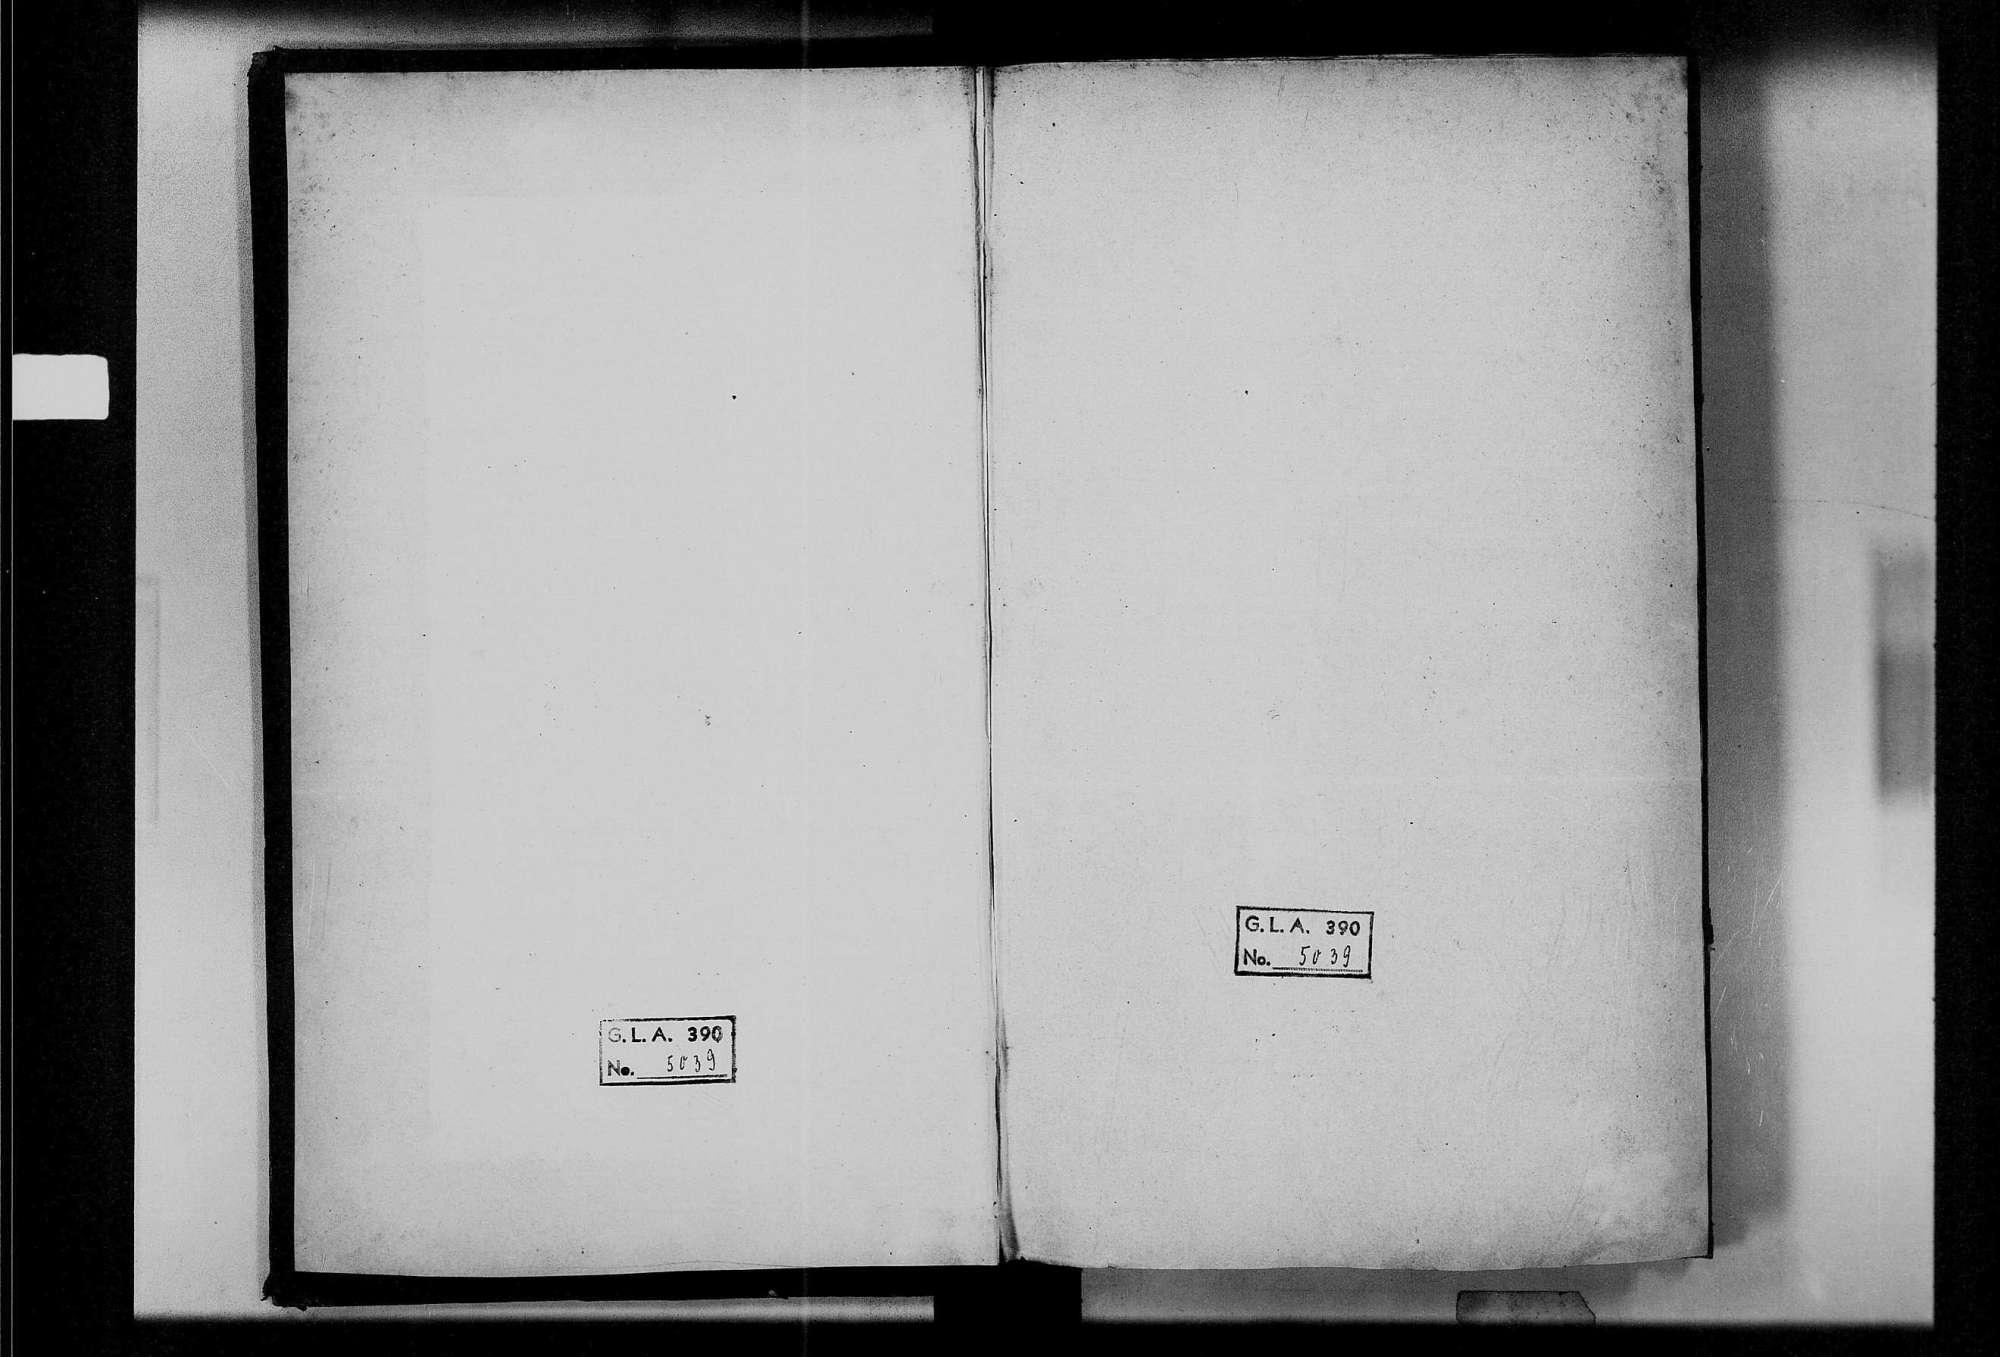 Brehmen, evangelische Gemeinde: Standesbuch 1810-1819, Bild 2